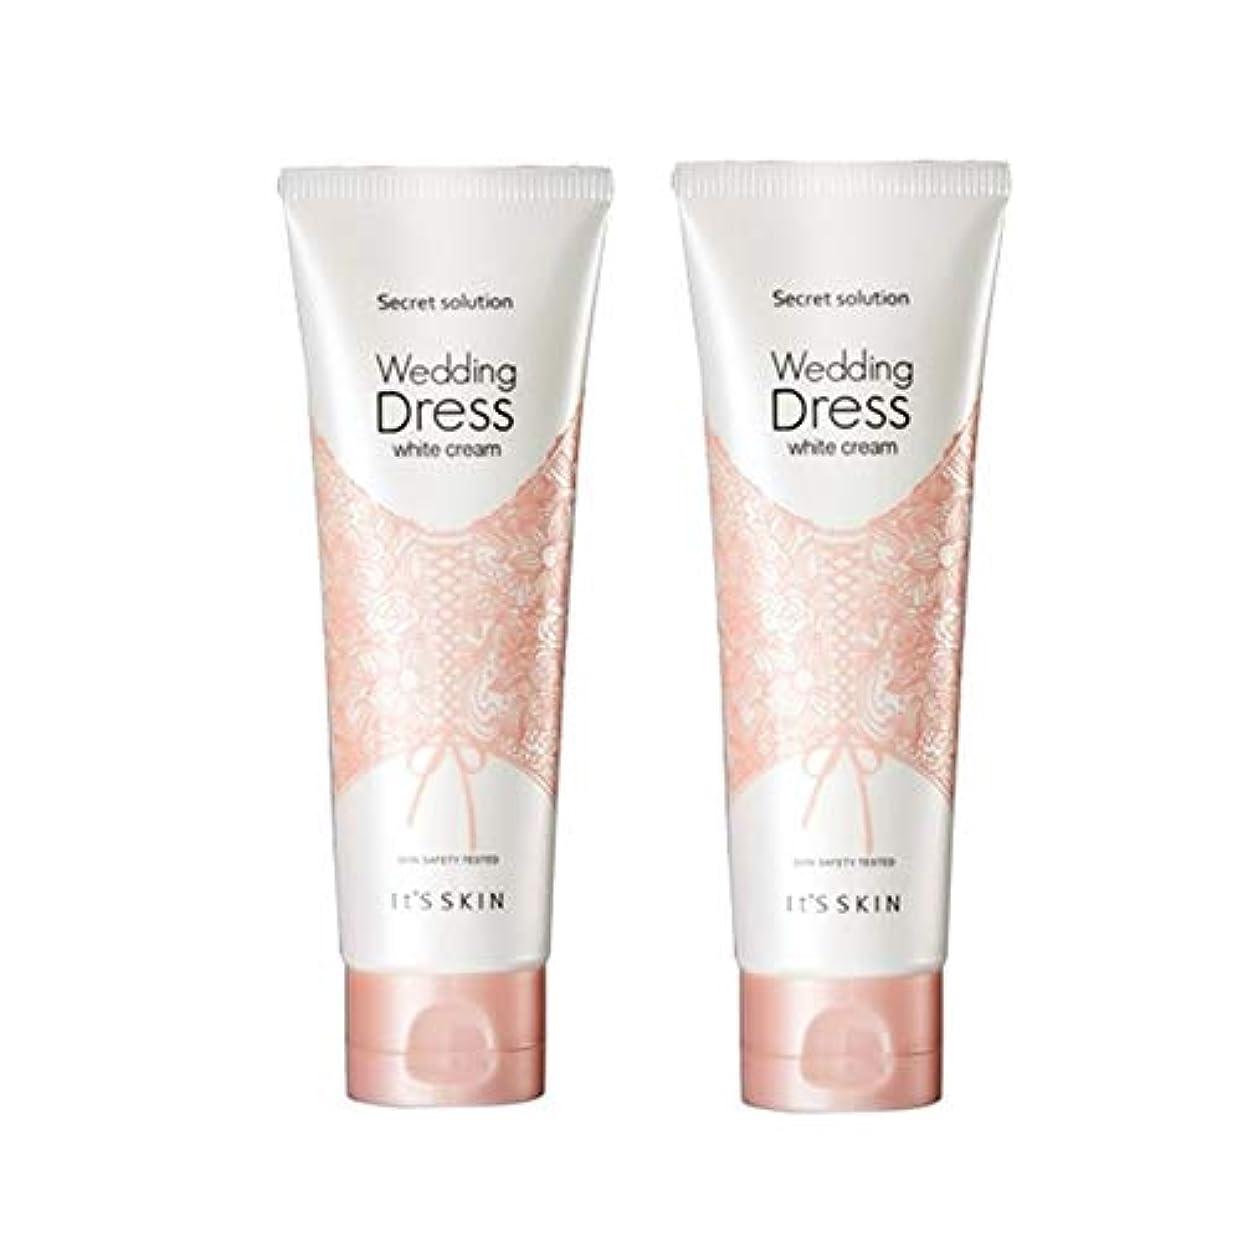 ポットホールドオール可動式イッツスキンのシークレット?ソリューションウェディングドレス?ホワイトクリーム100mlx 2本セット、It's Skin Secret Solution Wedding Dress White Cream 100ml...